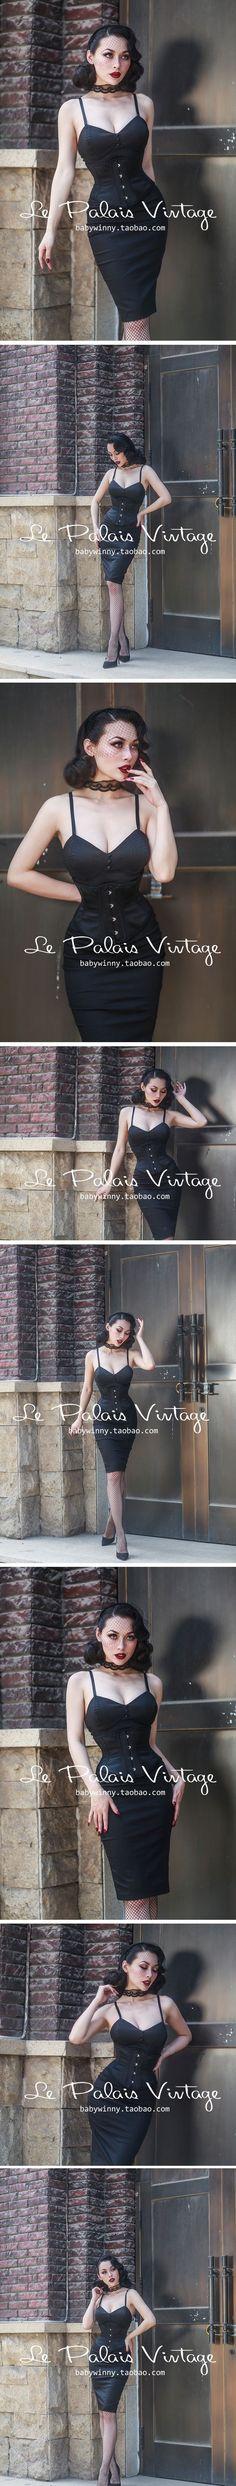 Miss Winny | Le Palais Vintage